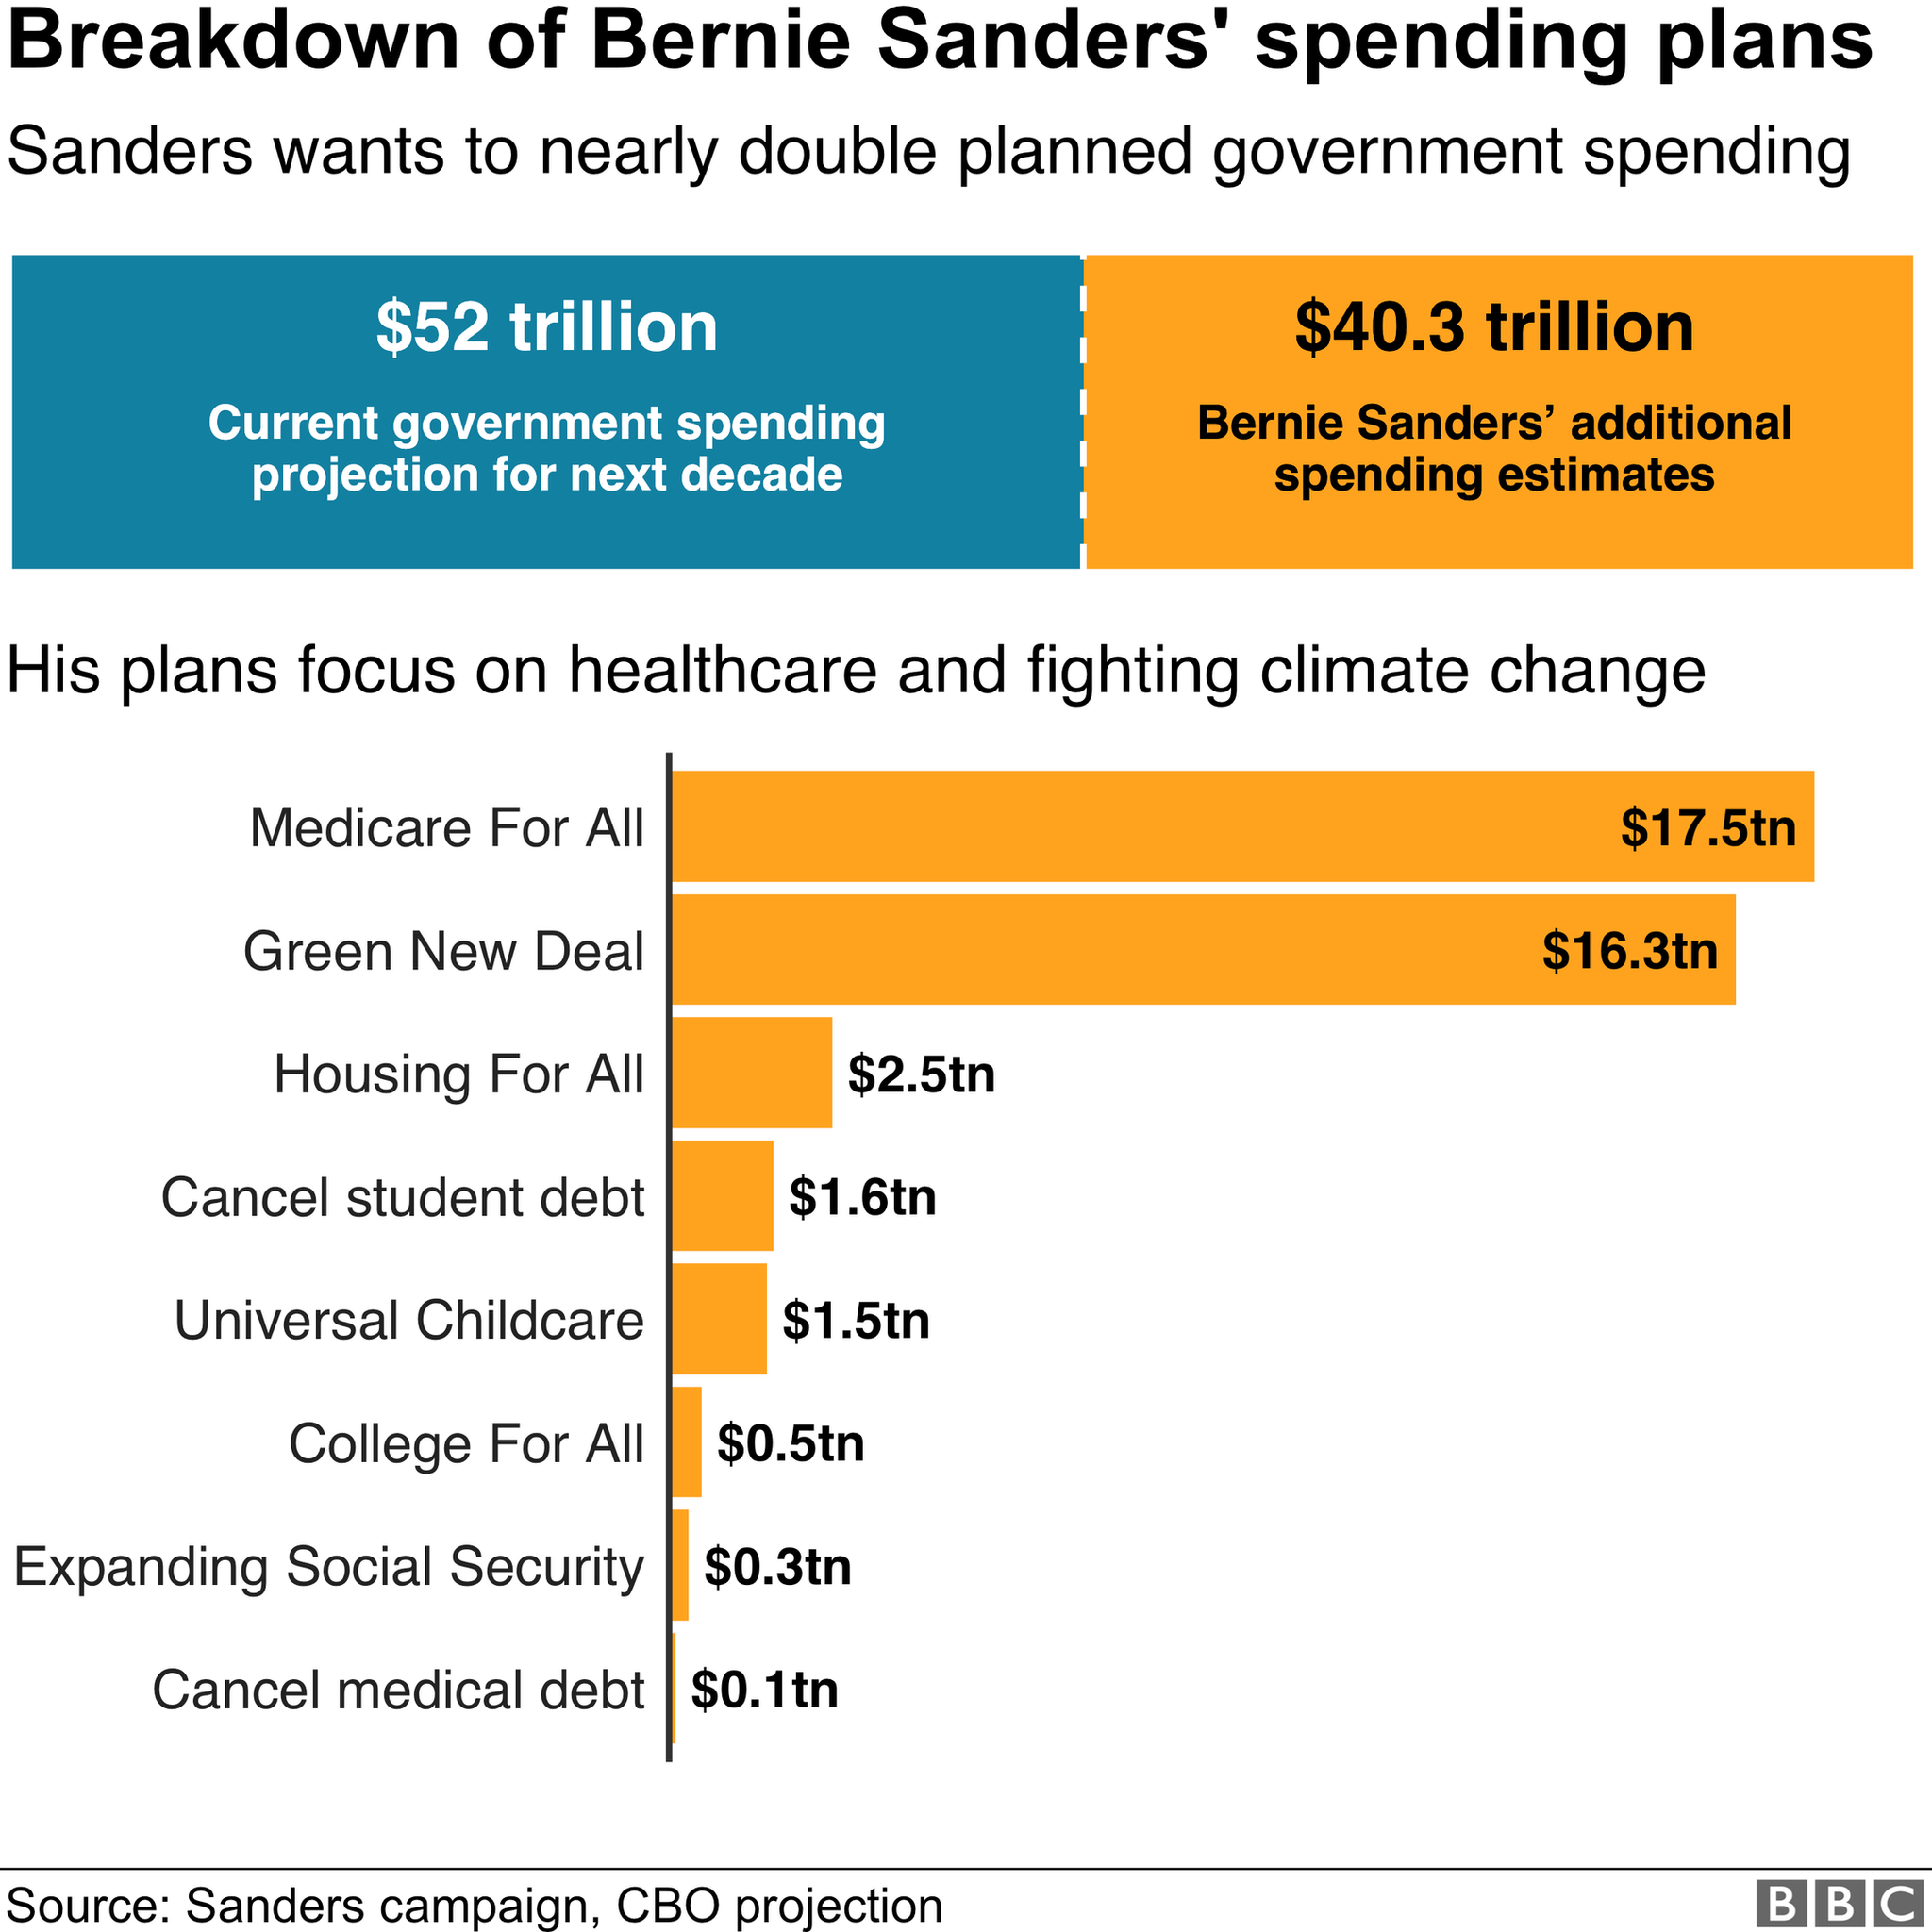 Breakdown of Sanders' spending